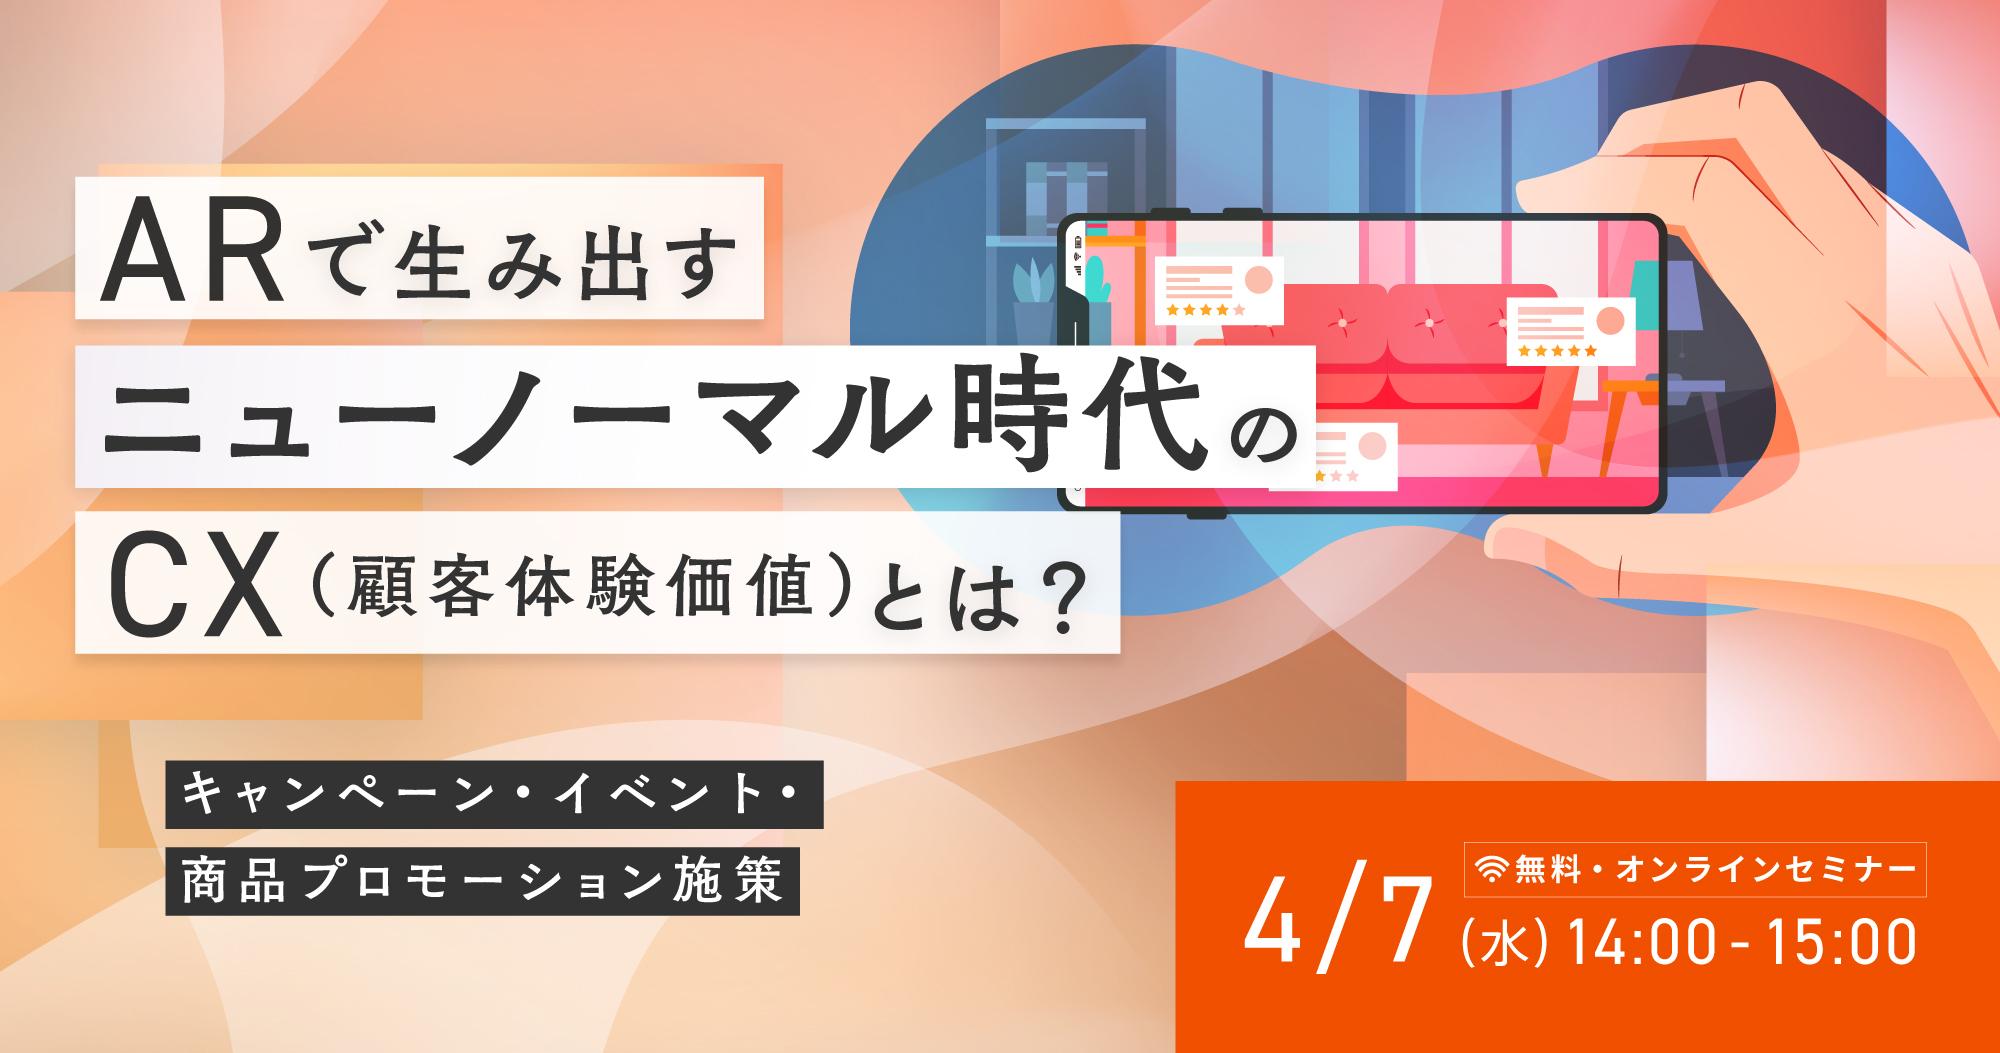 【4月7日(水)】ARで生み出すニューノーマル時代のCX(顧客体験価値)とは?~キャンペーン・イベント・商品プロモーション施策~